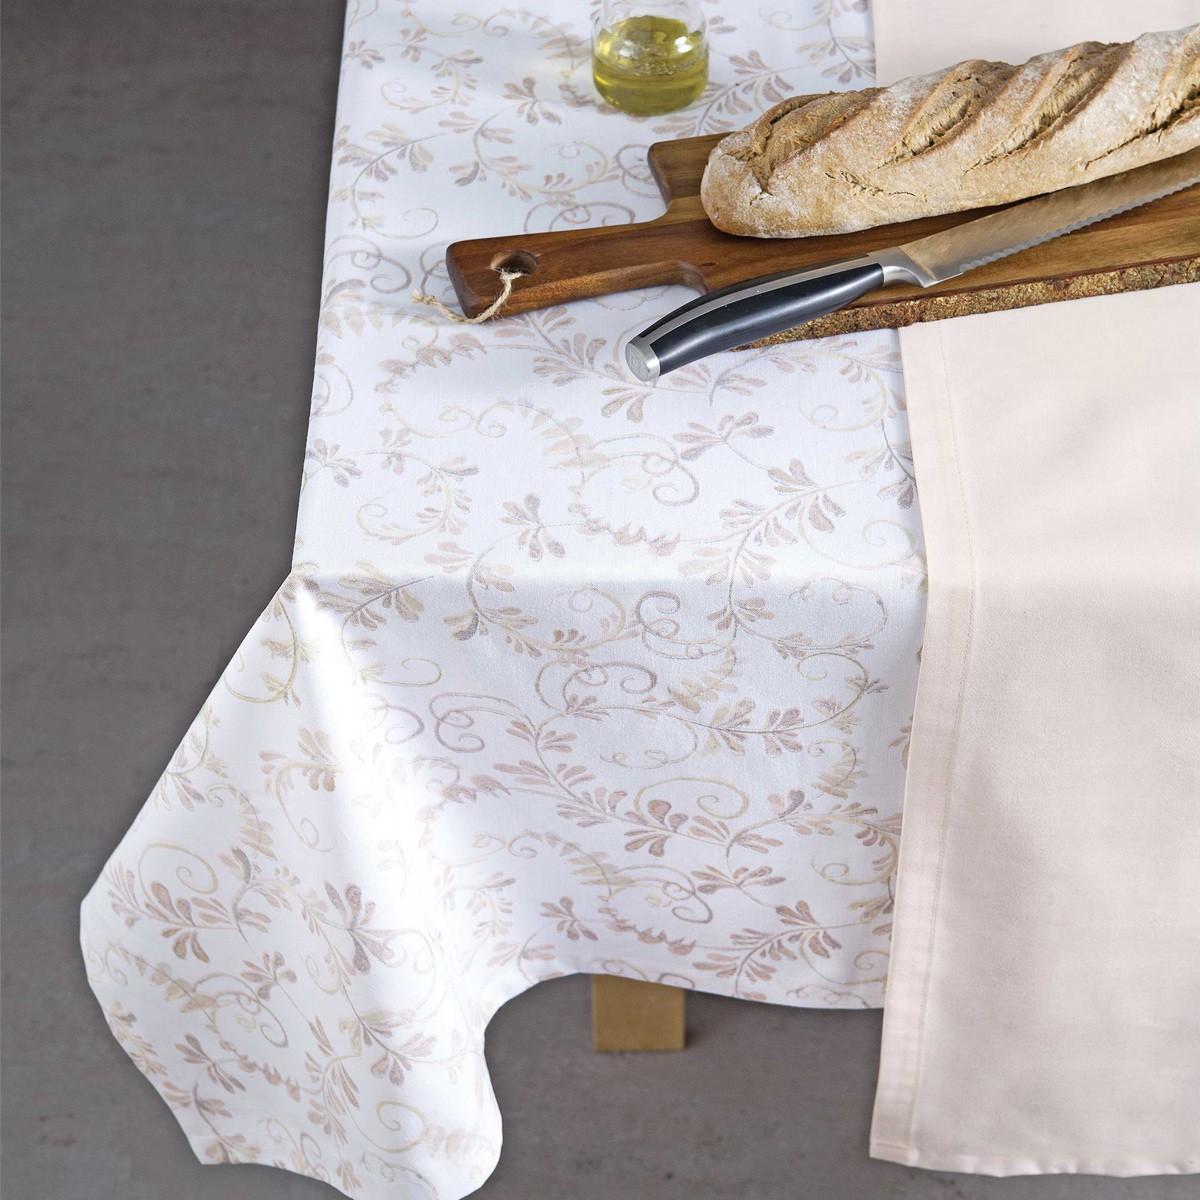 Τραπεζομάντηλο (150×190) Nima Table Linen Amarath